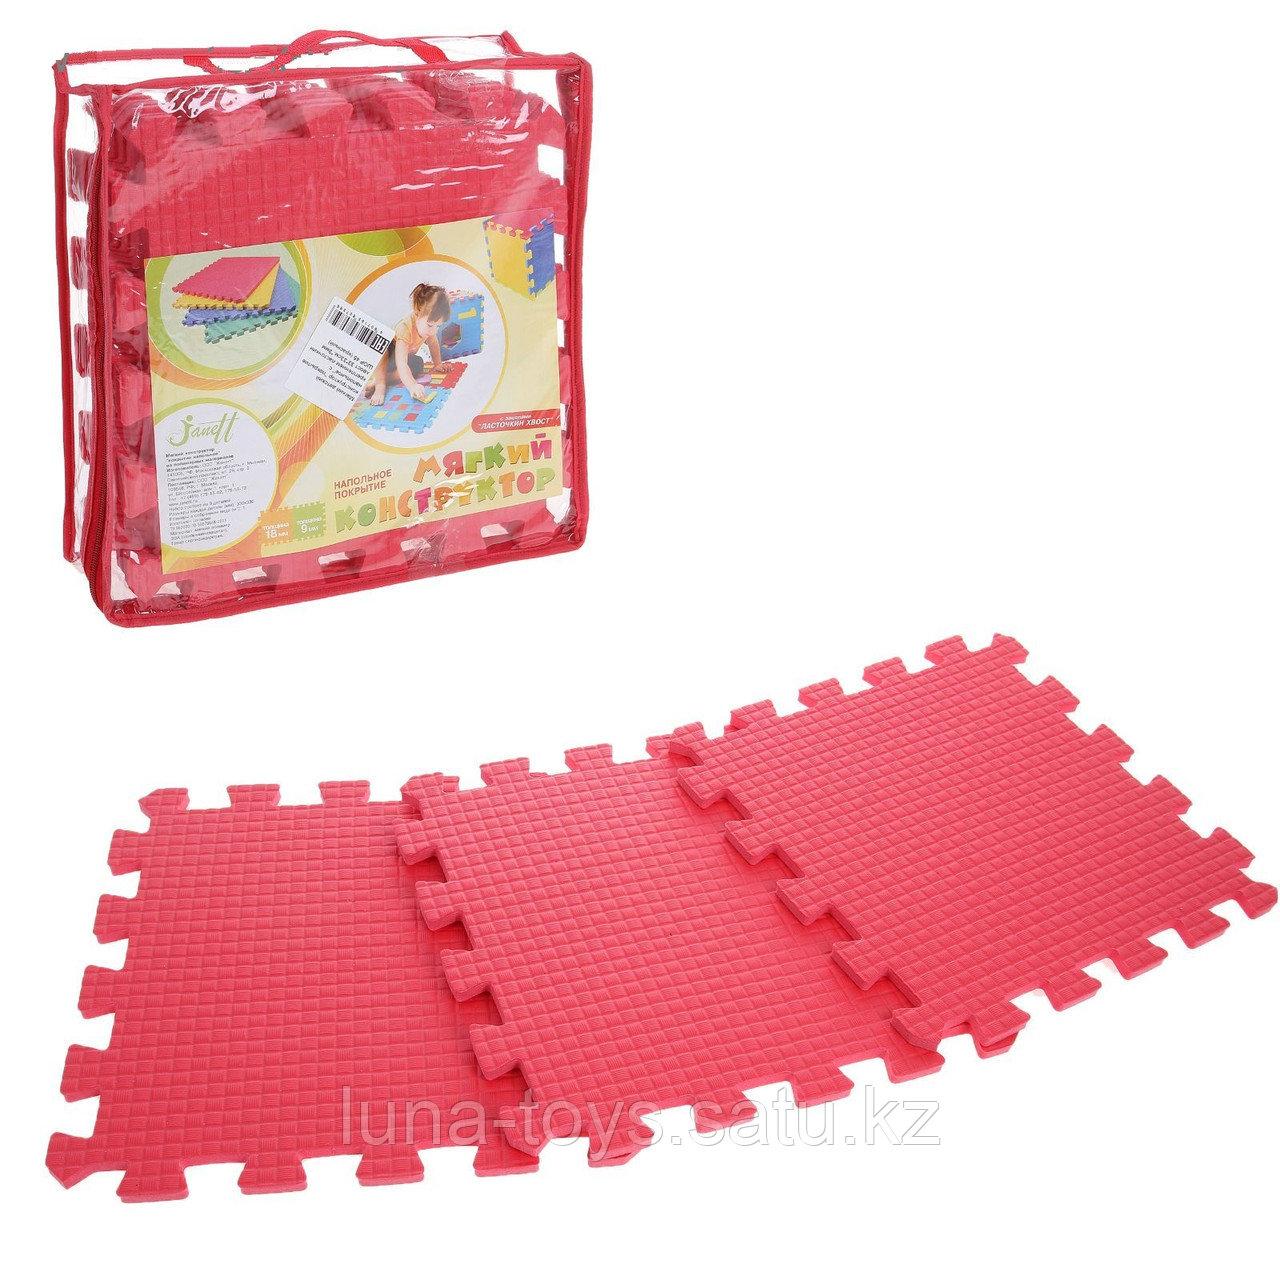 Детский коврик-пазл (мягкий), 9 элементов, толщина 0,9 см, цвет красный